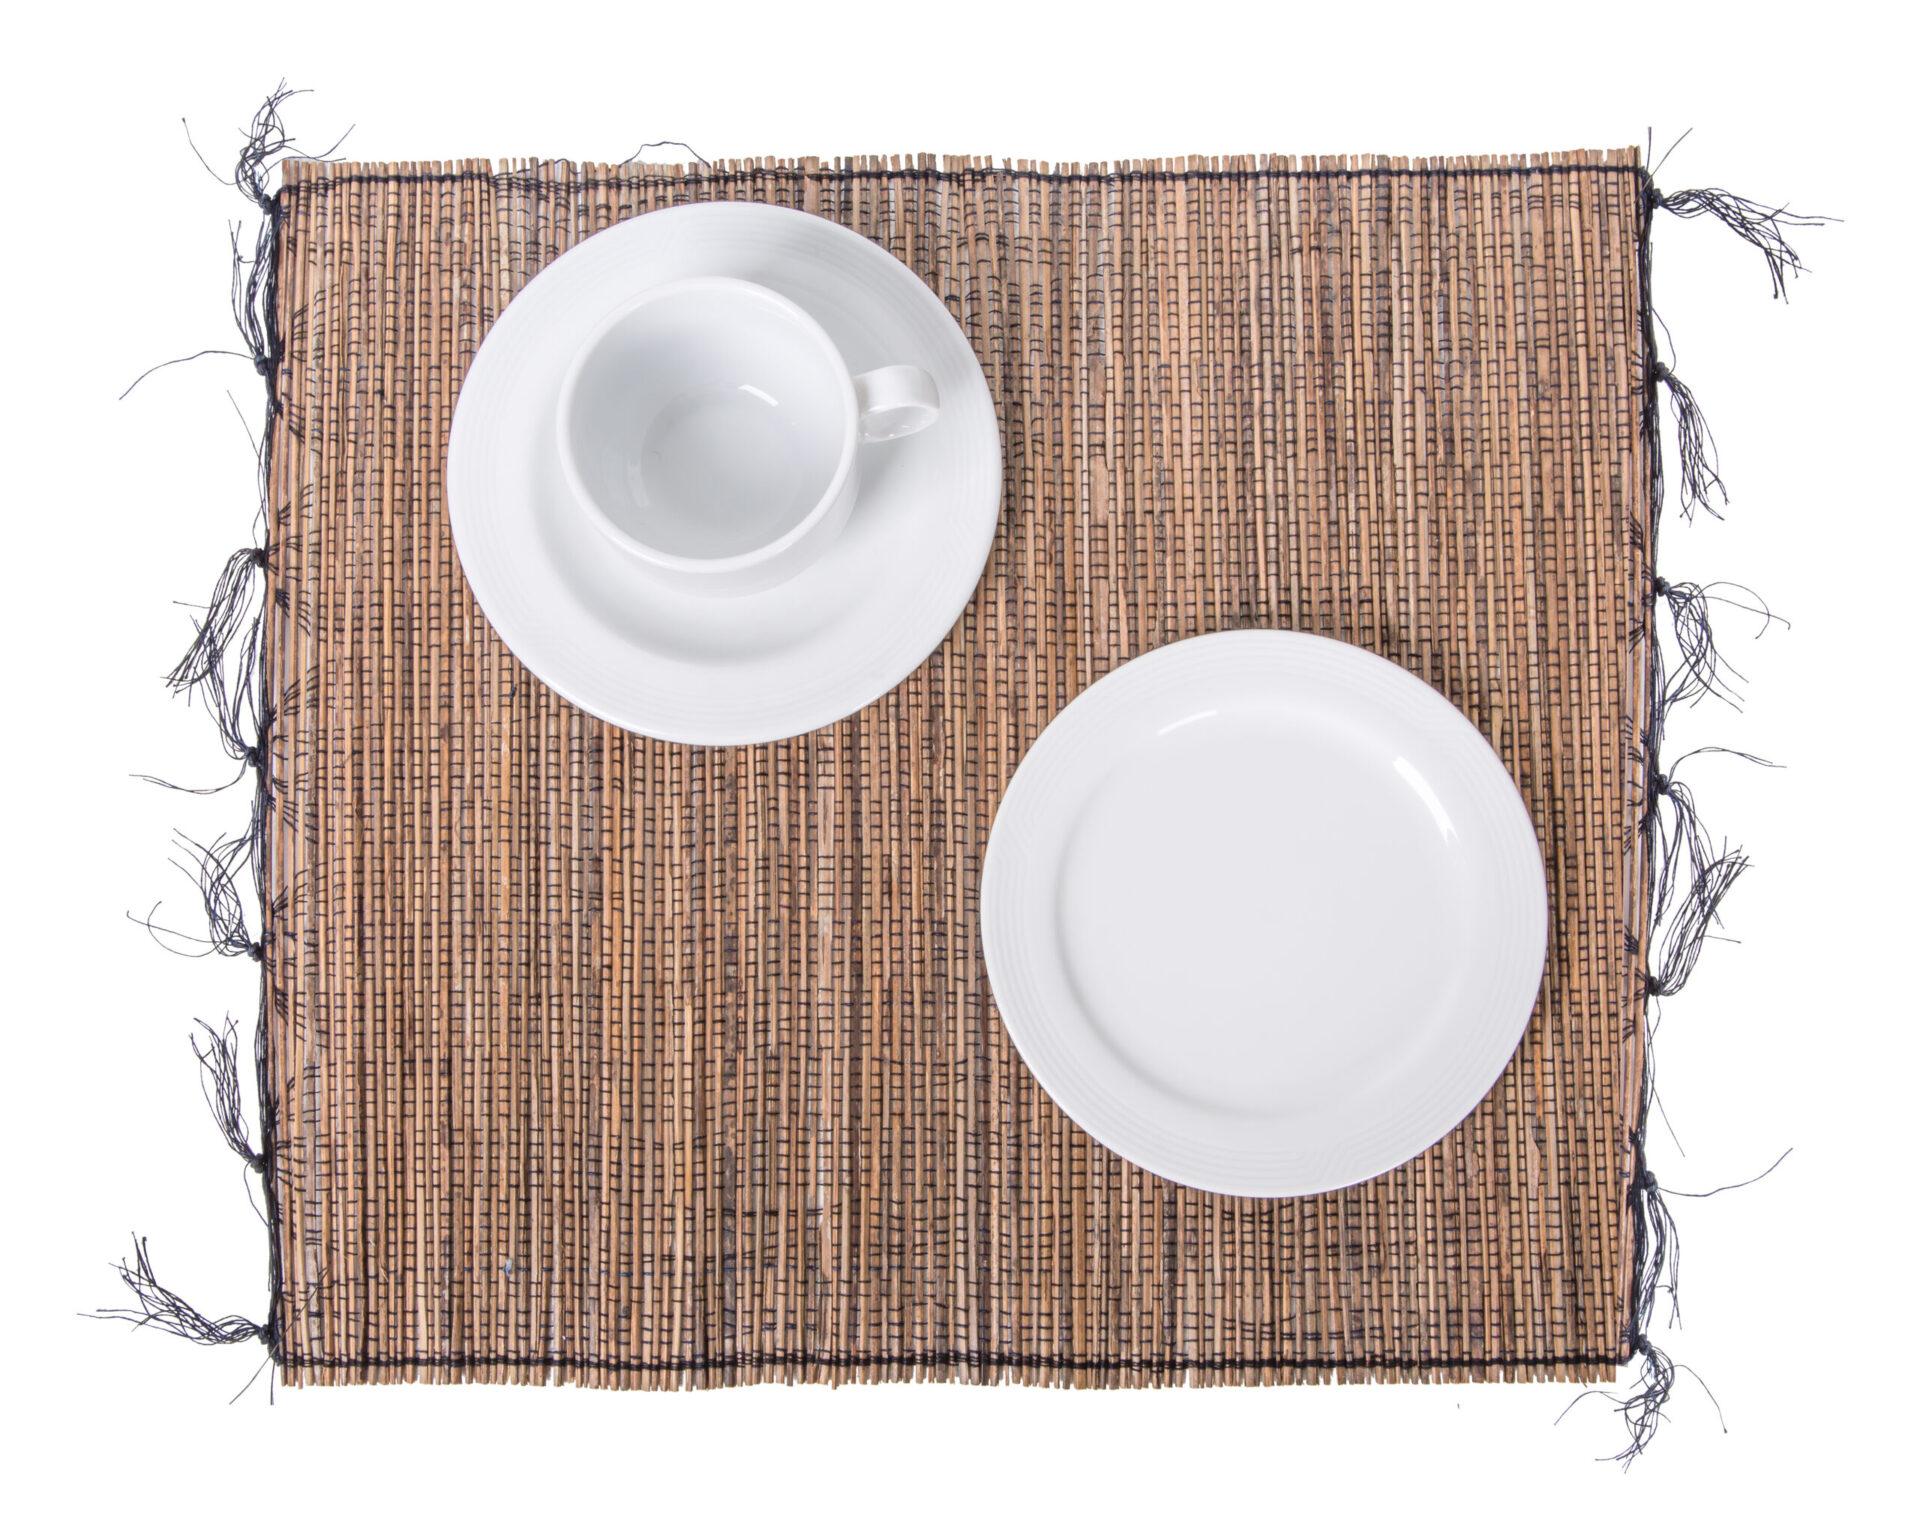 Placemat: Cotton + Coco Stick; 45x35x0.1